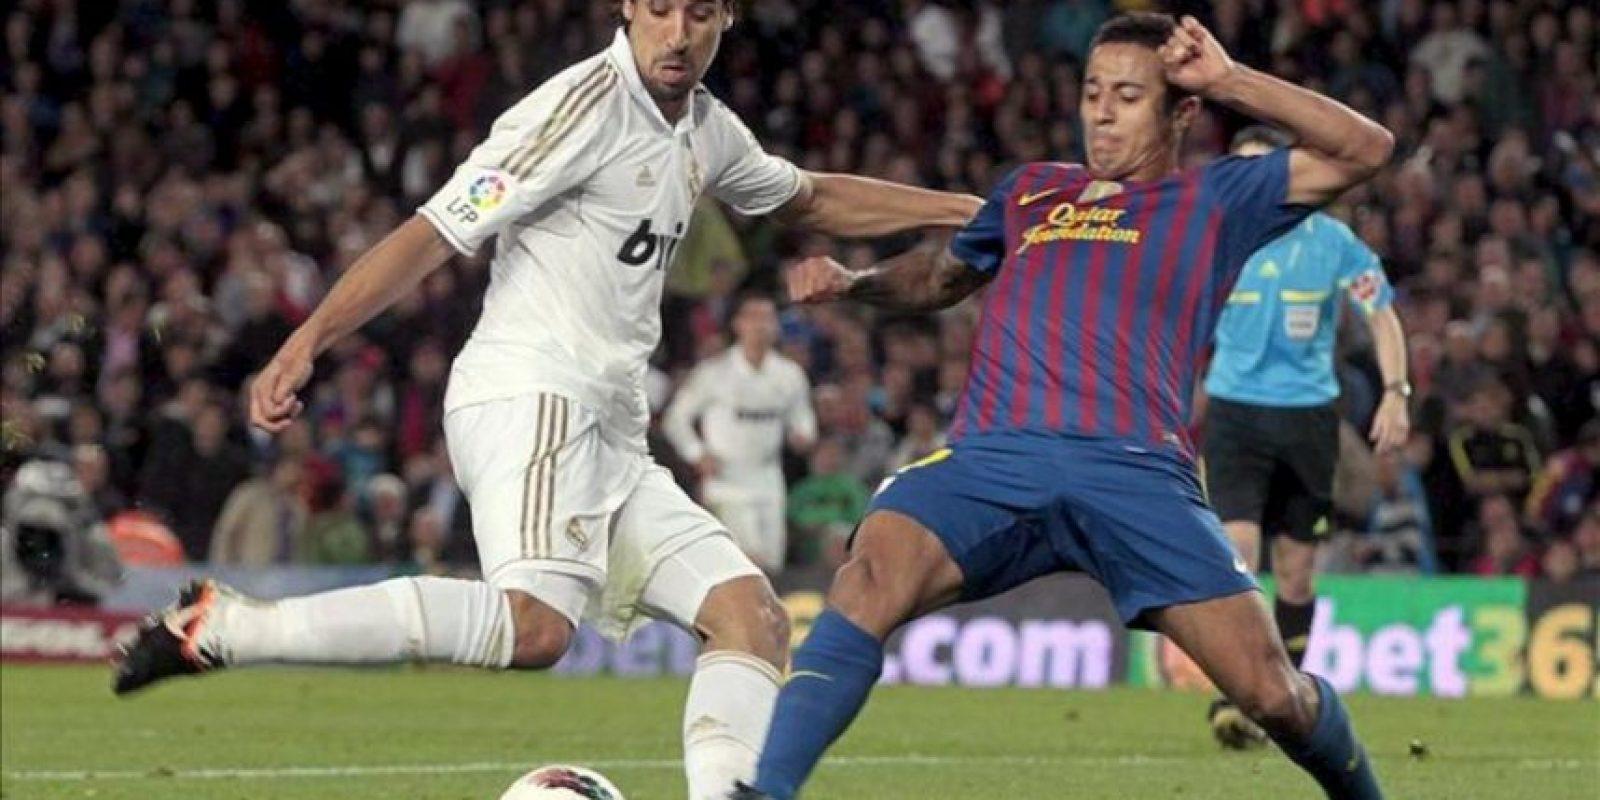 El centrocampista del FC Barcelona Thiago Alcántara (d) pugna por el balón con el mediocentro alemán del Real Madrid Sami Khedira durante el partido, correspondiente a la trigésimo quinta jornada de Liga de Primera División, que han disputado ambos equipos en el Camp Nou. EFE